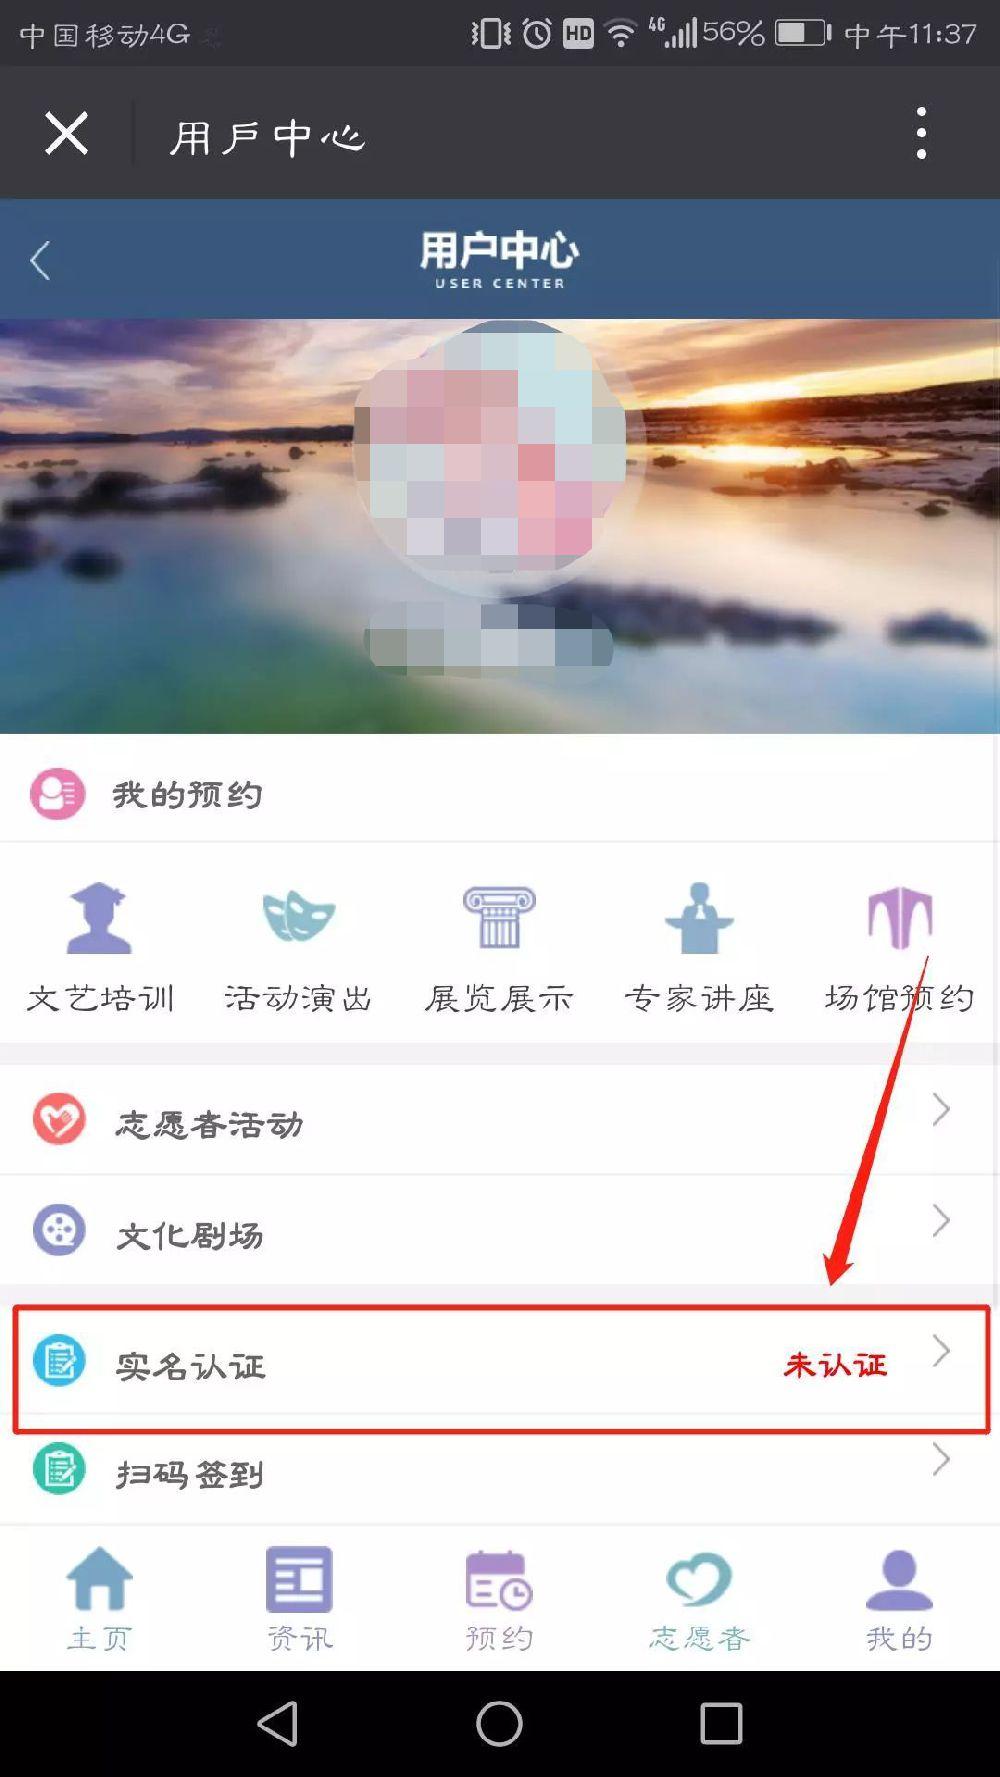 南昌2019春节期间文化惠民活动免费预约实名认证流程